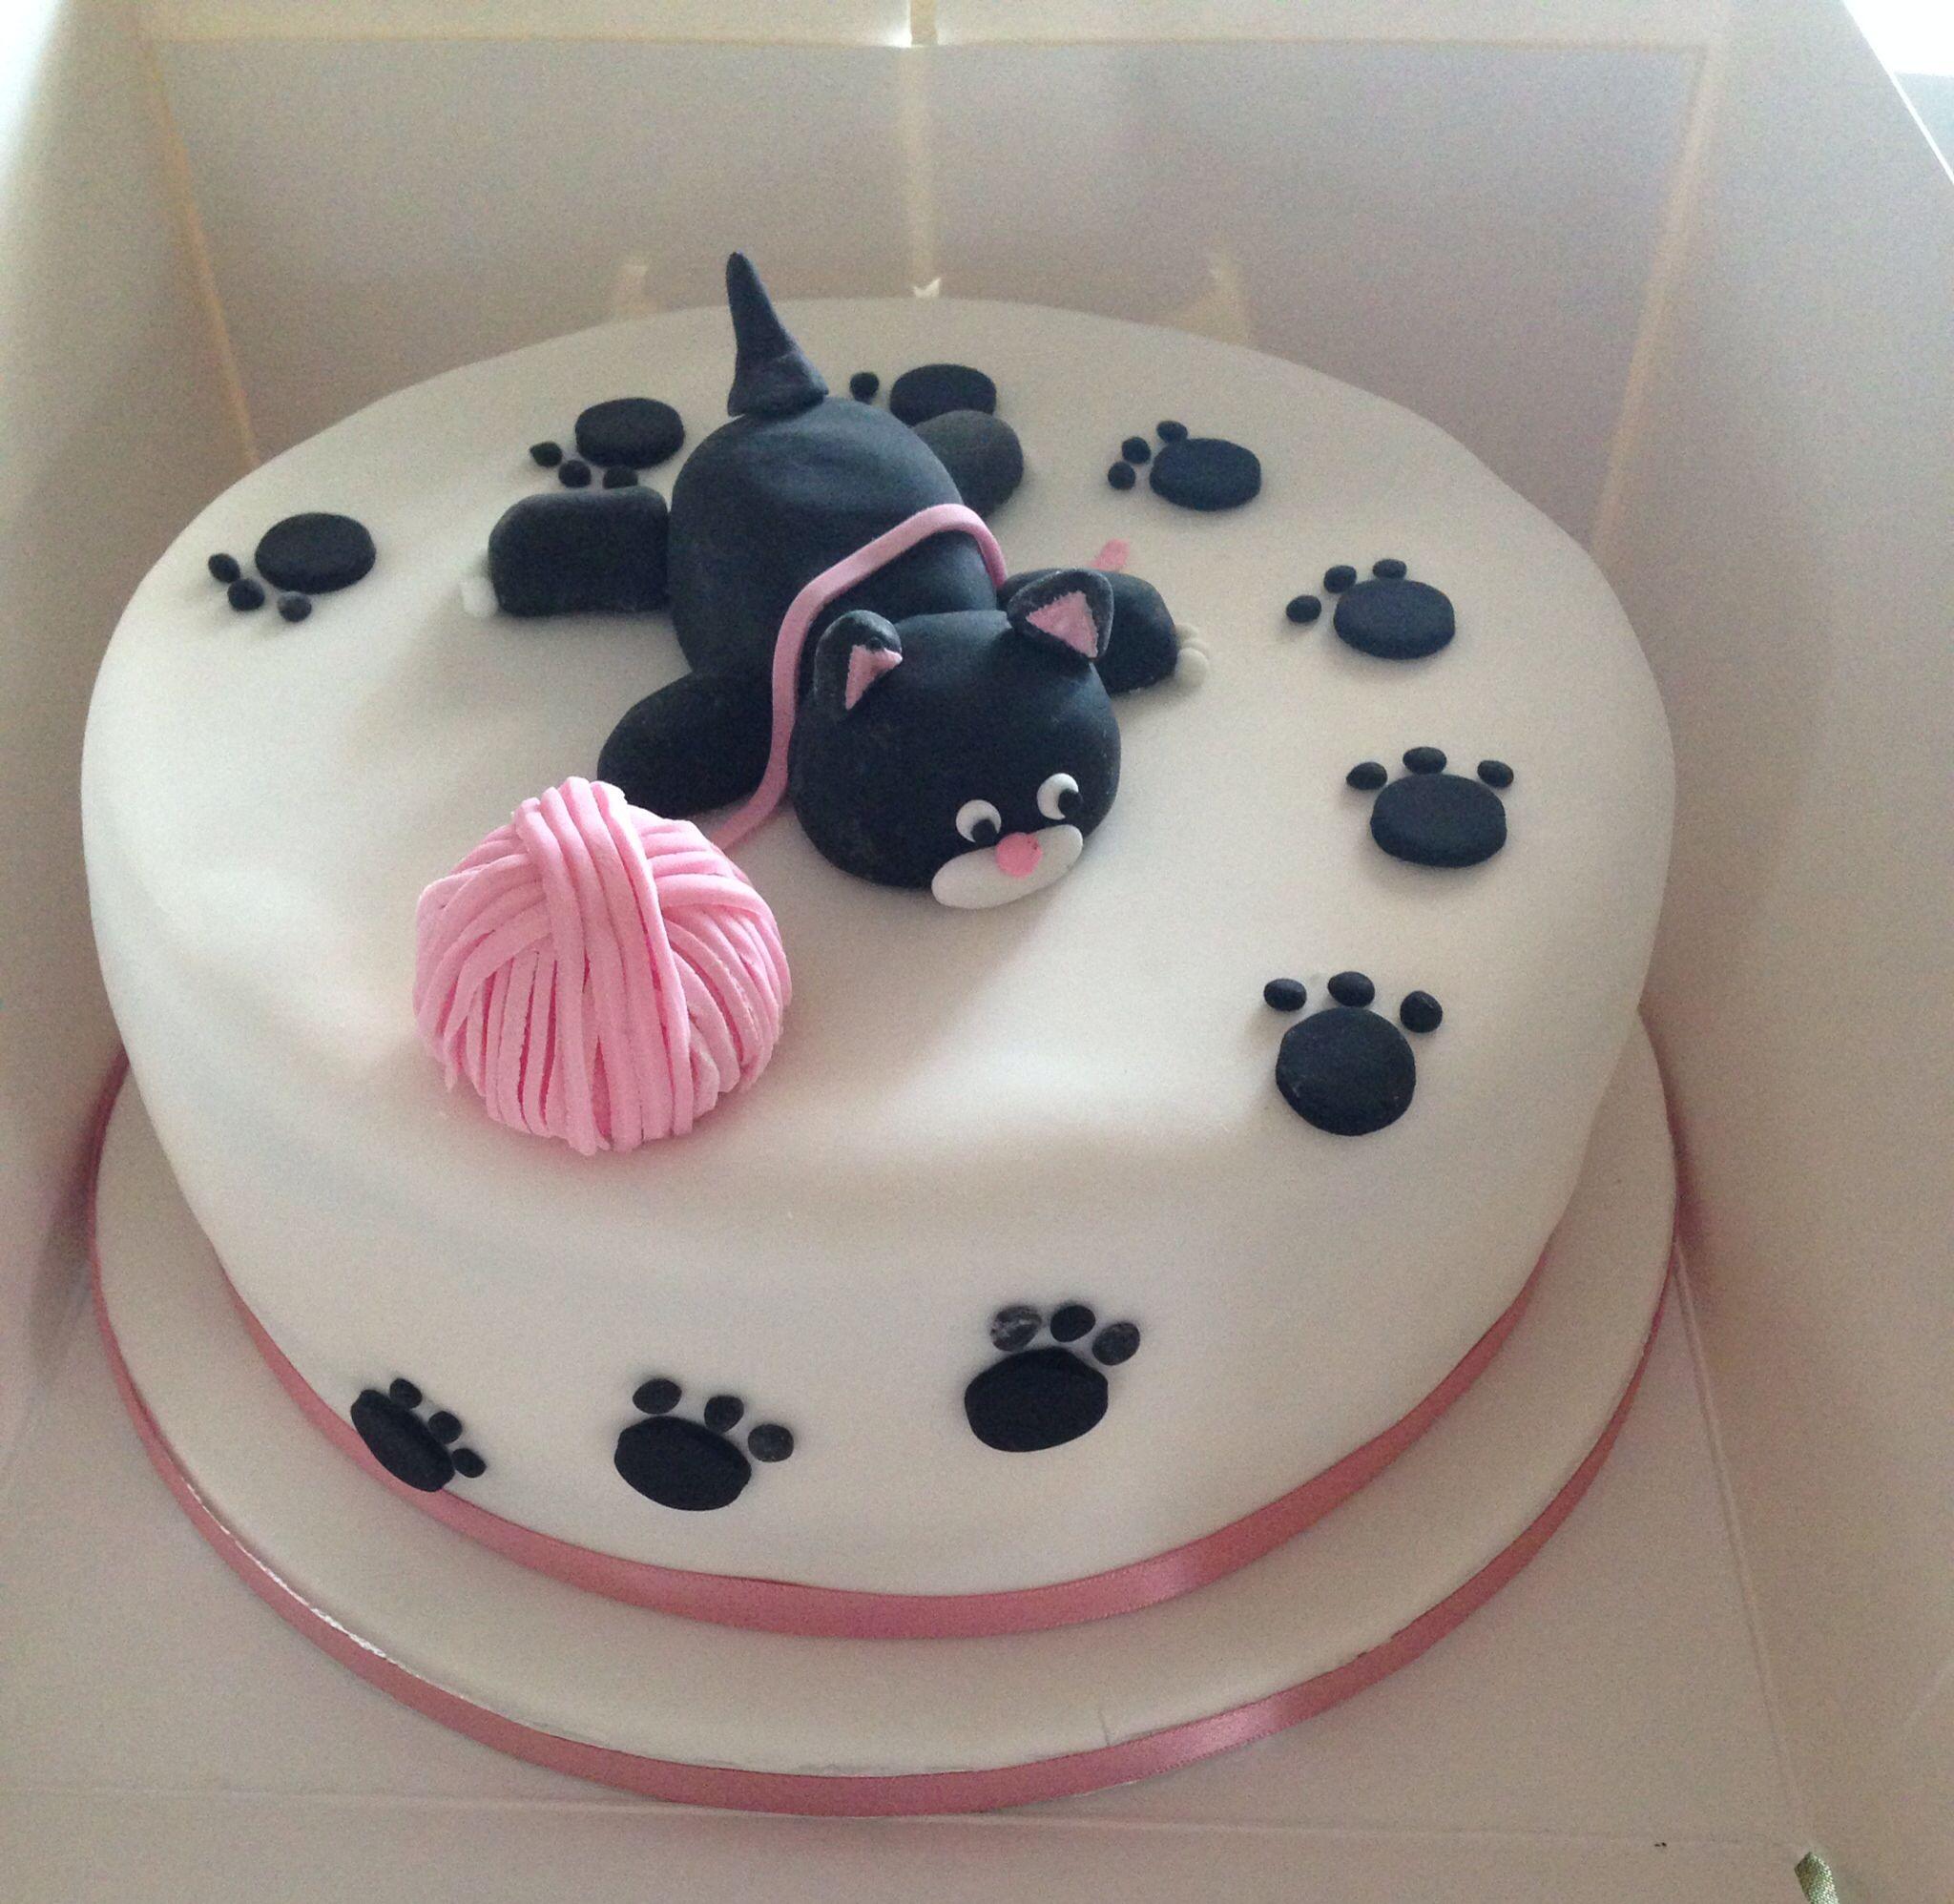 Dog Birthday Cake Next Day Delivery